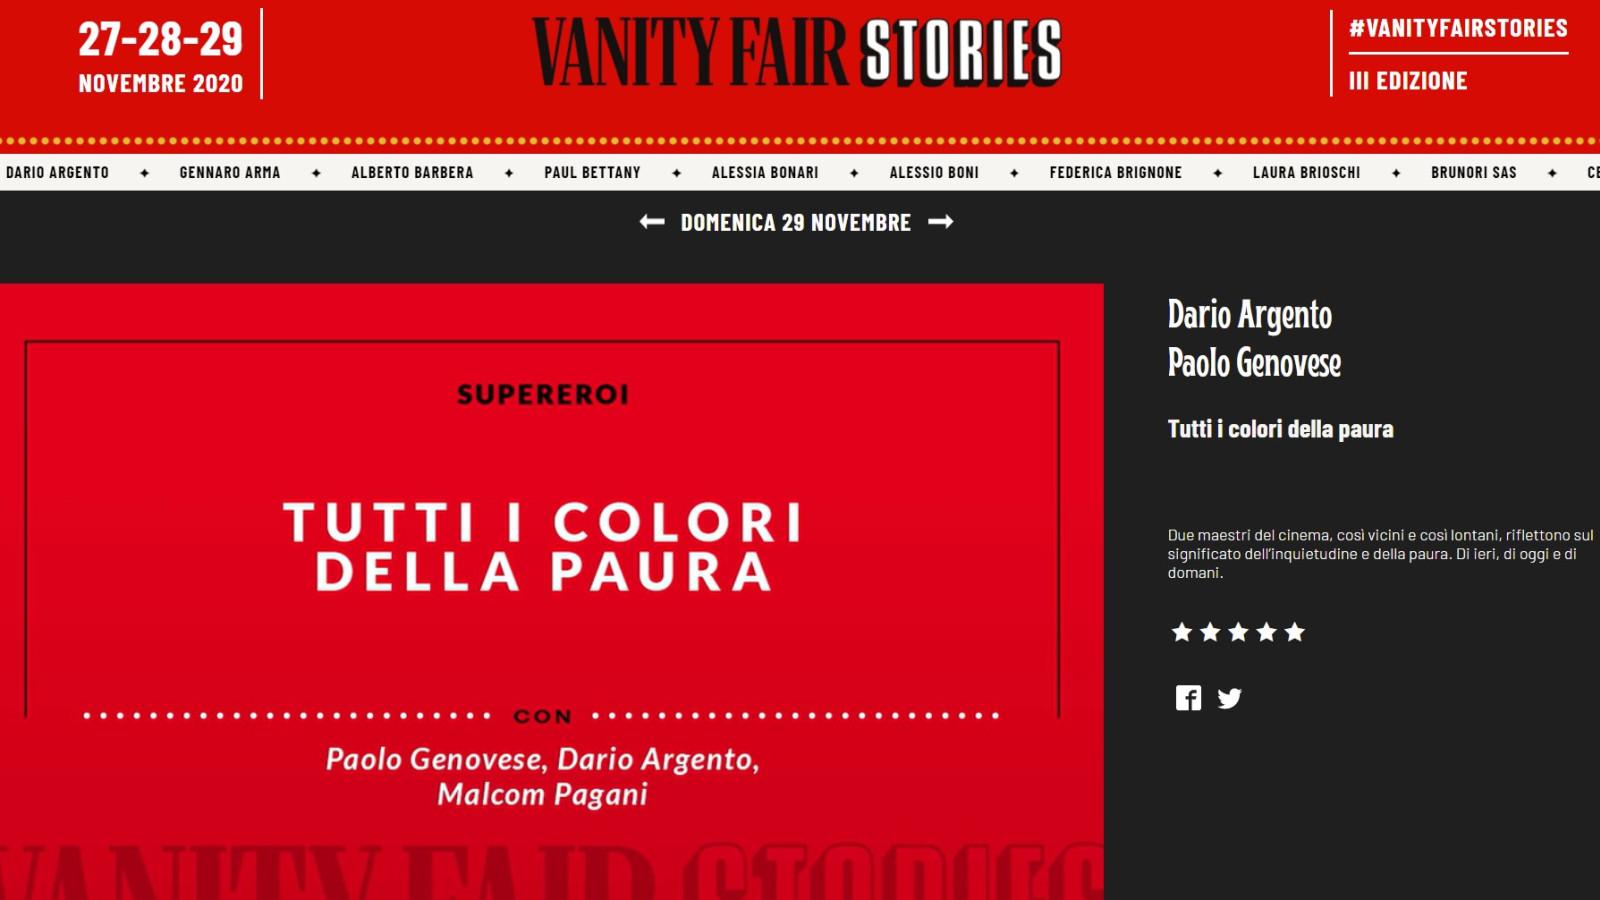 TALK PAGE - Benedetta Malavasi - Italy - Vanity Fair Stories